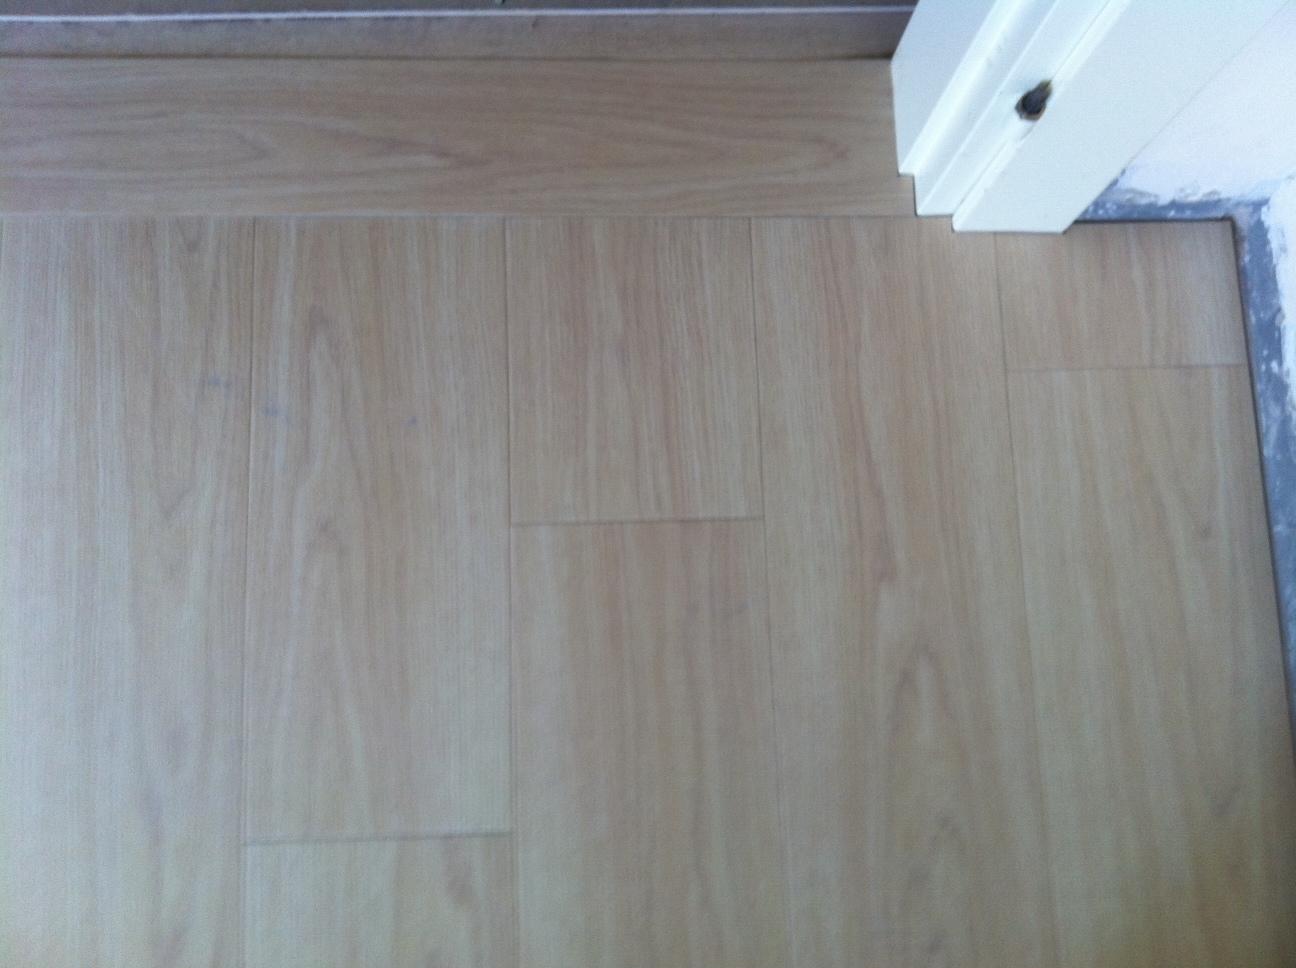 Pavimenti in pvc a doghe pier paolo vittori rimini - Piastrelle spessore 2 mm ...